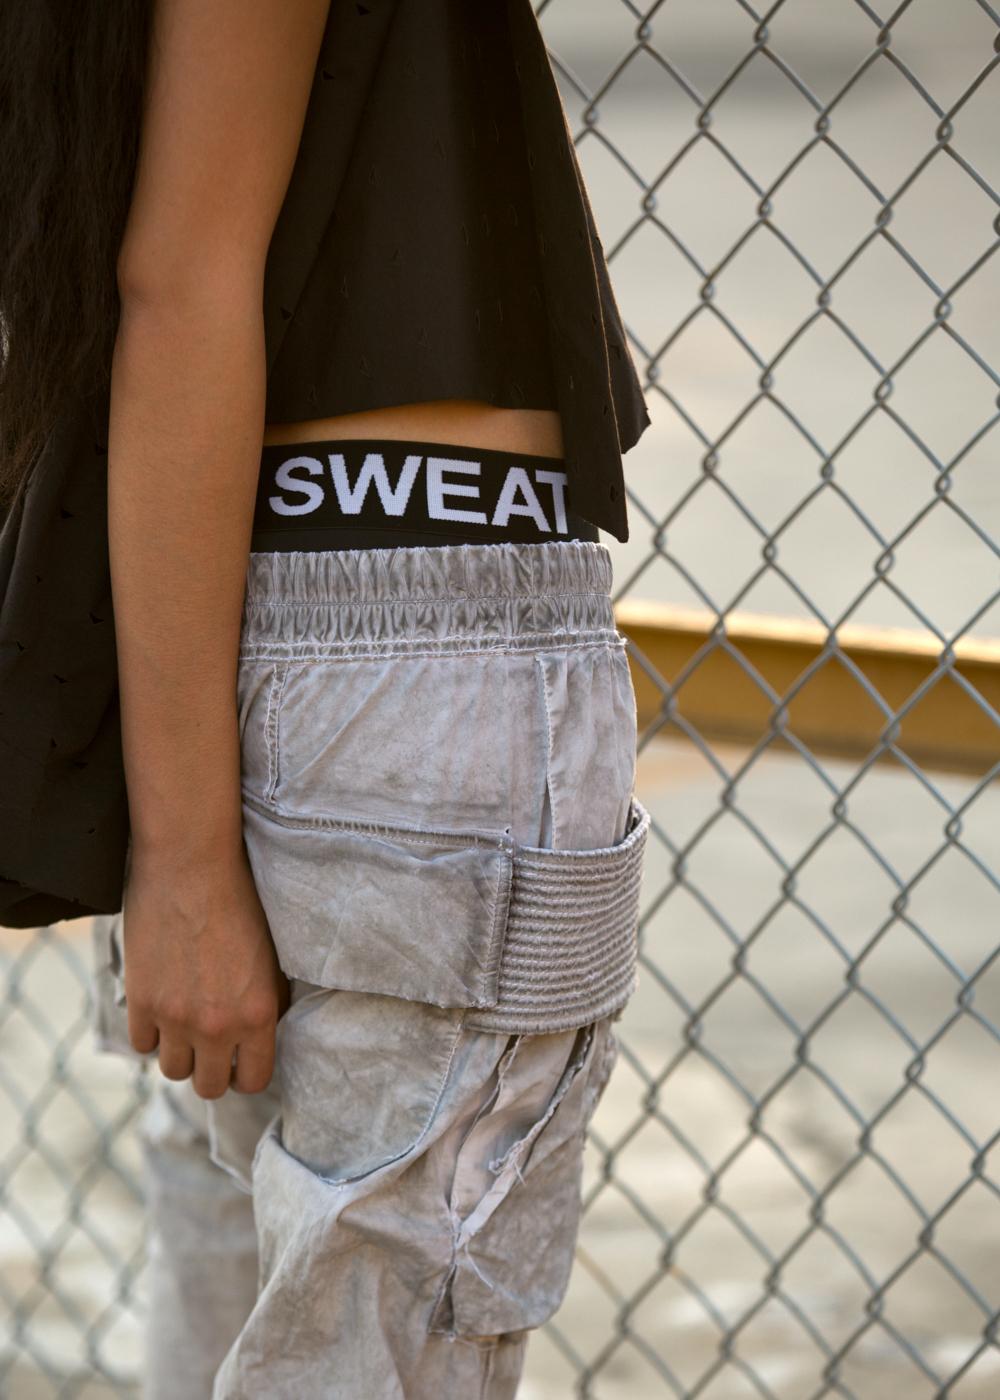 SweatTheStyle_AlealiMay-15.jpg